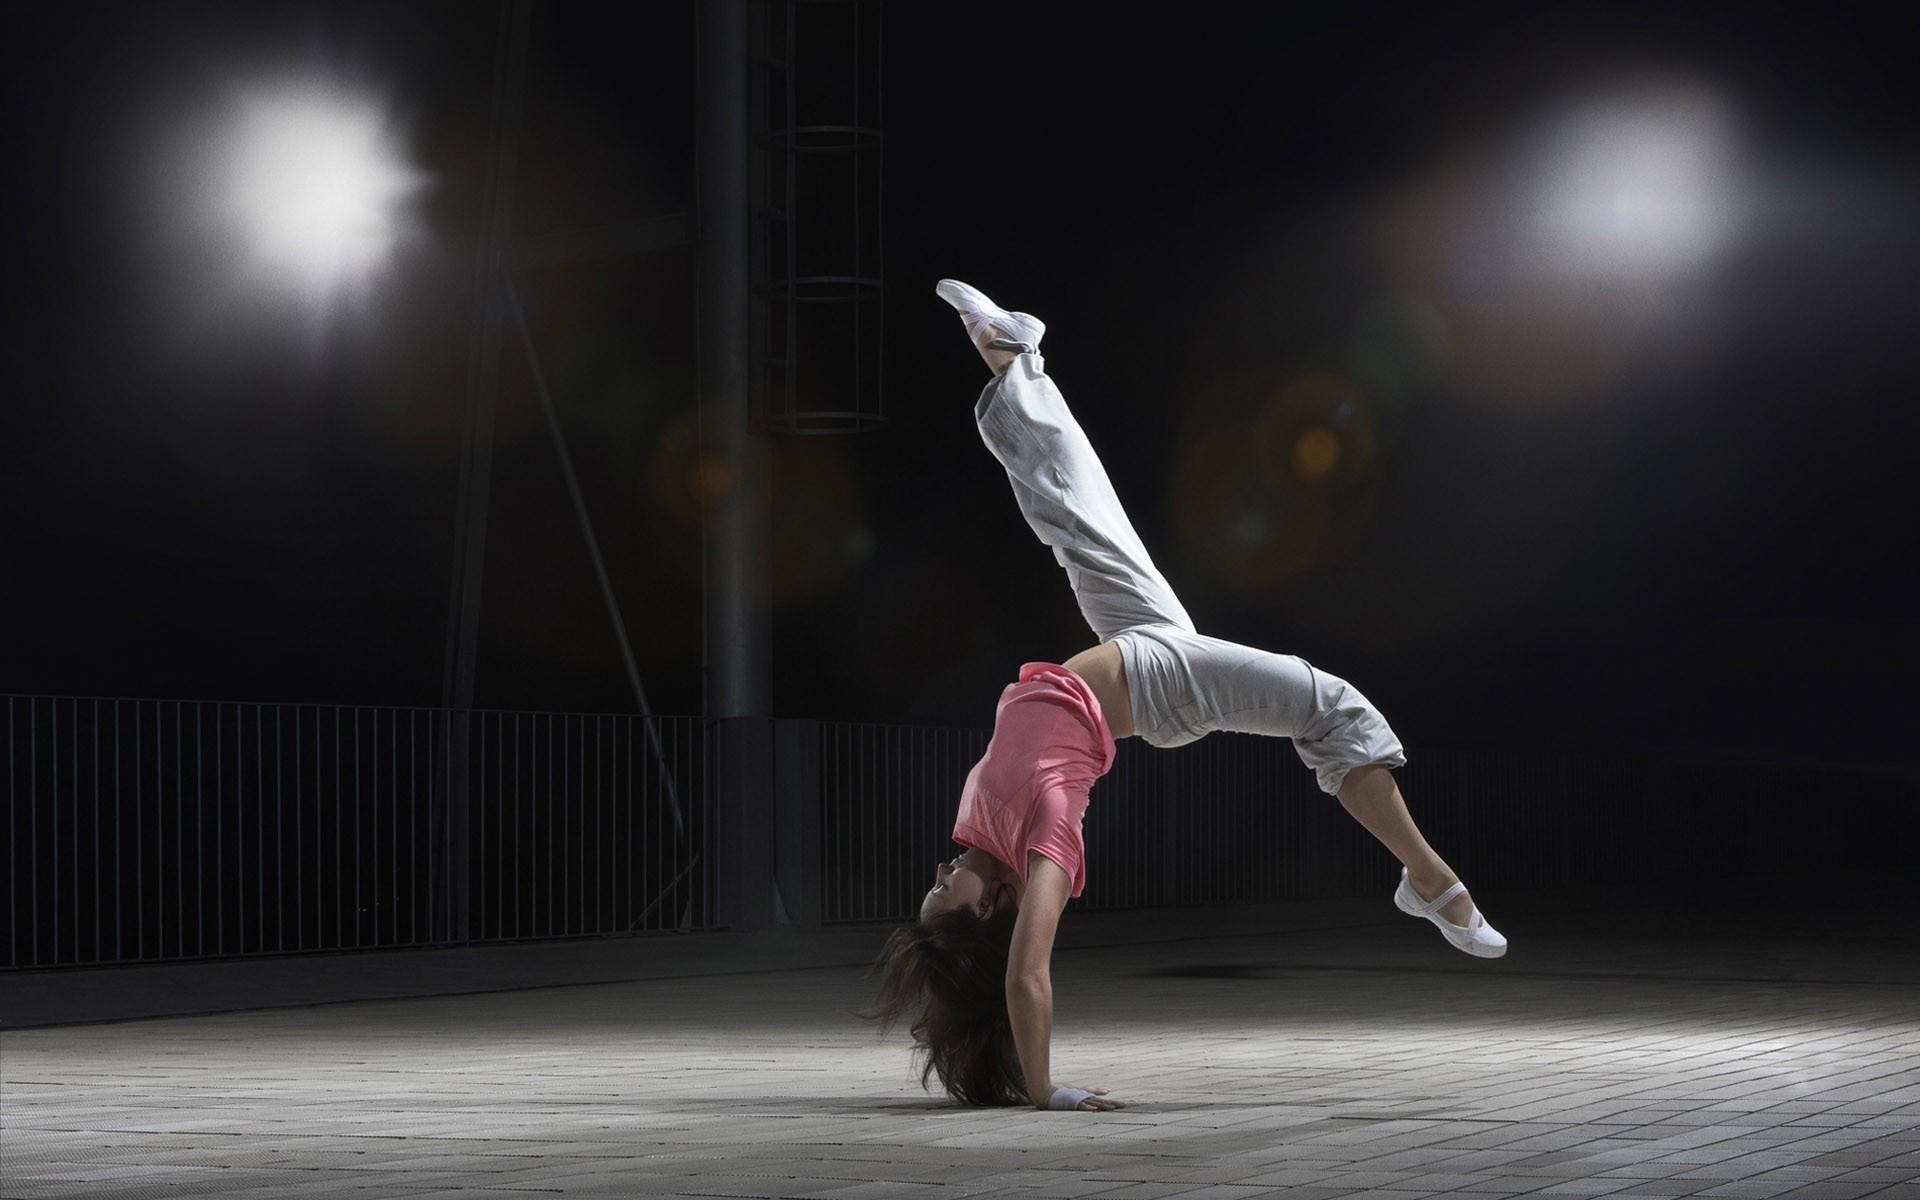 Скачать бесплатно программу девушка танцует программа arduino ide скачать